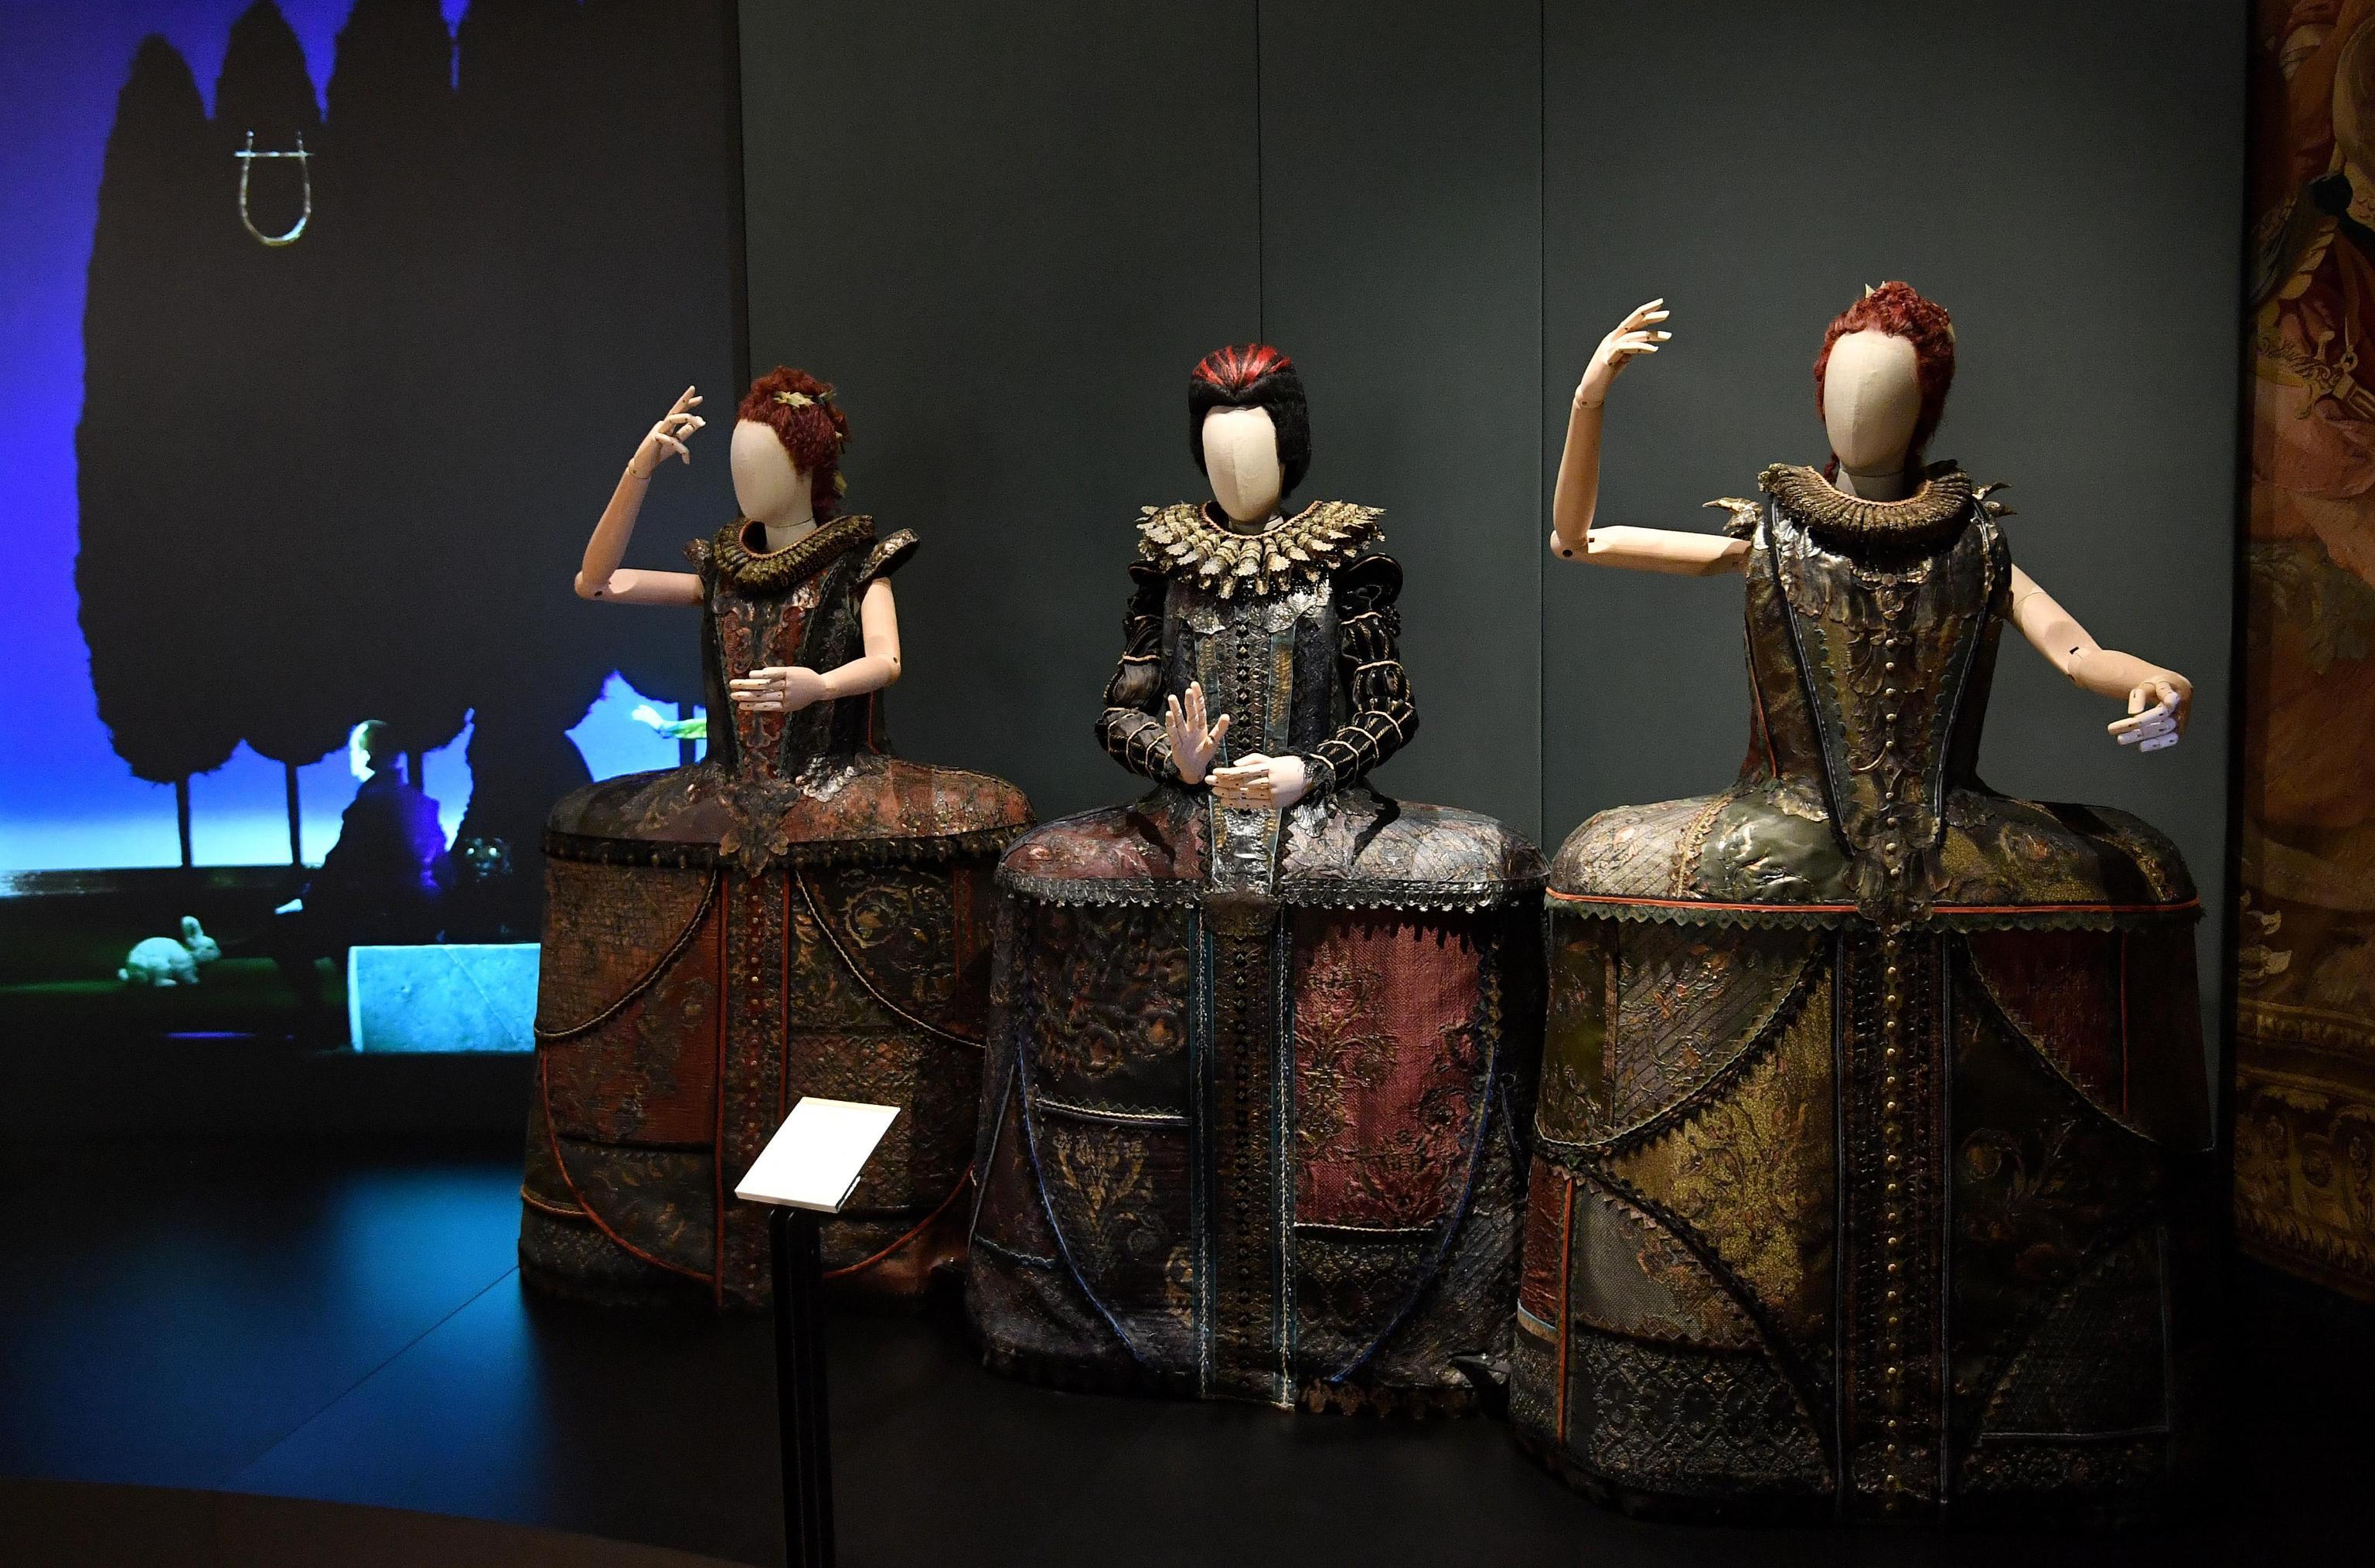 L'esposizione è un omaggio ai grandi artisti che hanno reso grande il teatro milanese